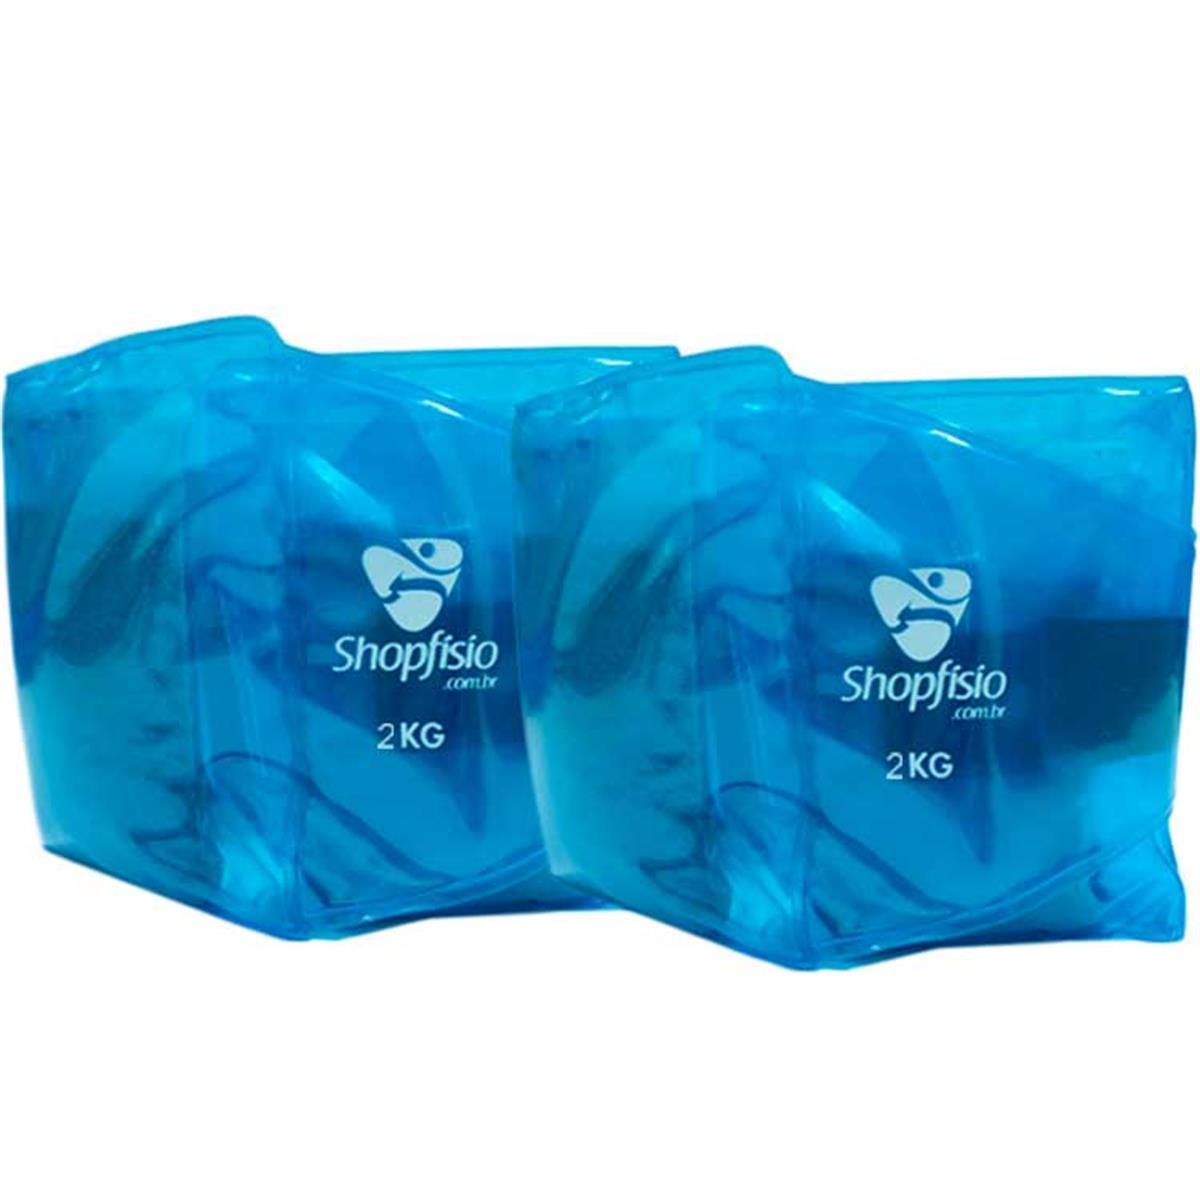 Tornozeleira Shopfisio - Caneleira Multifuncional Flexível - Par - 2Kg